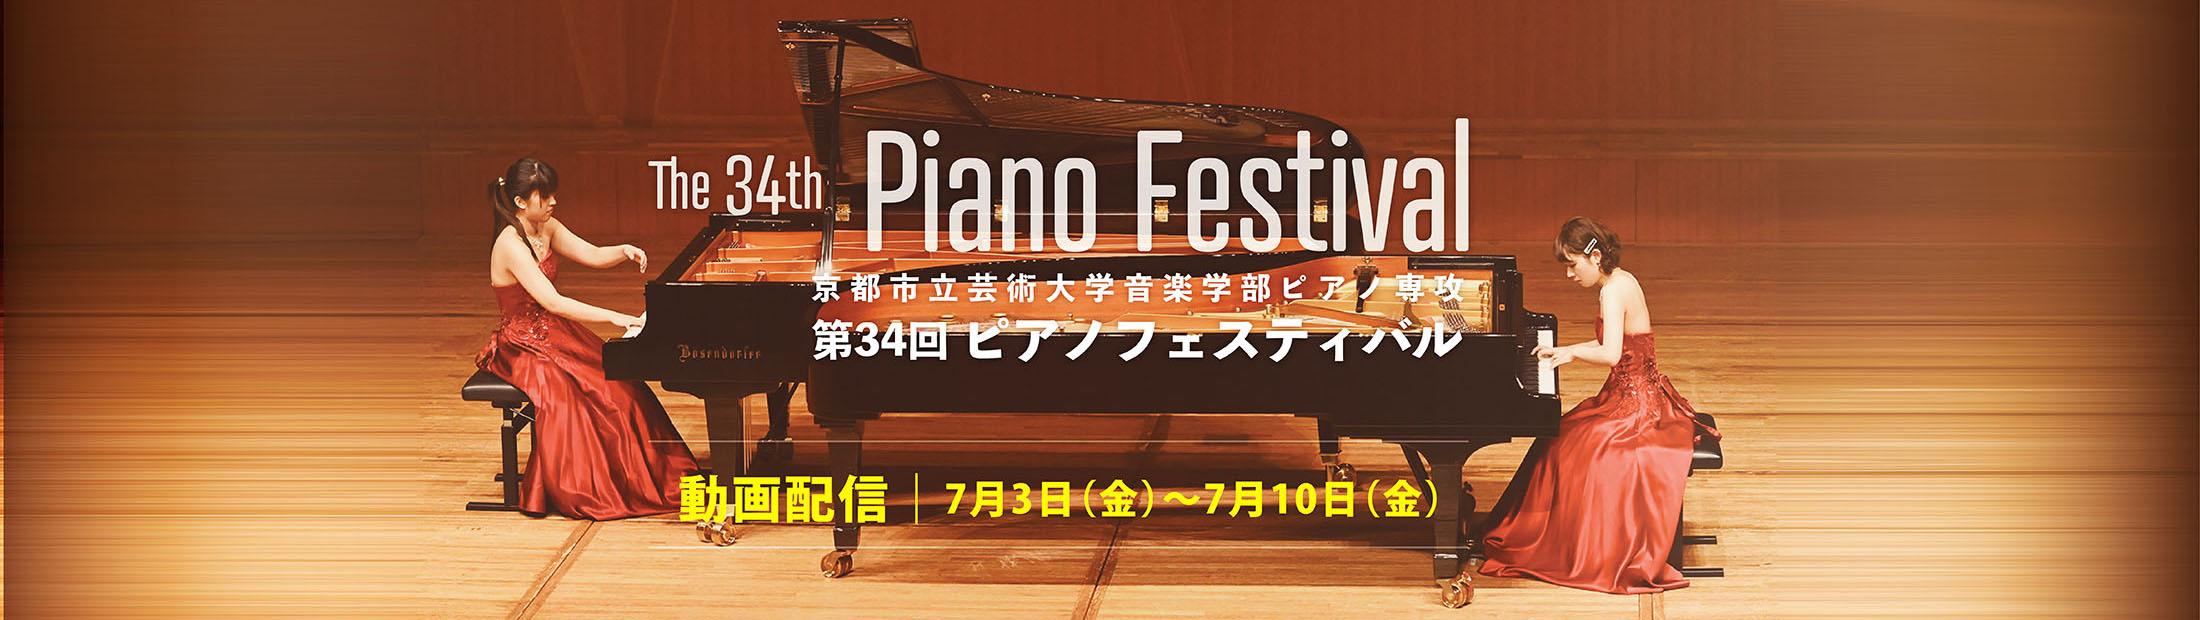 ピアノフェスティバル動画配信